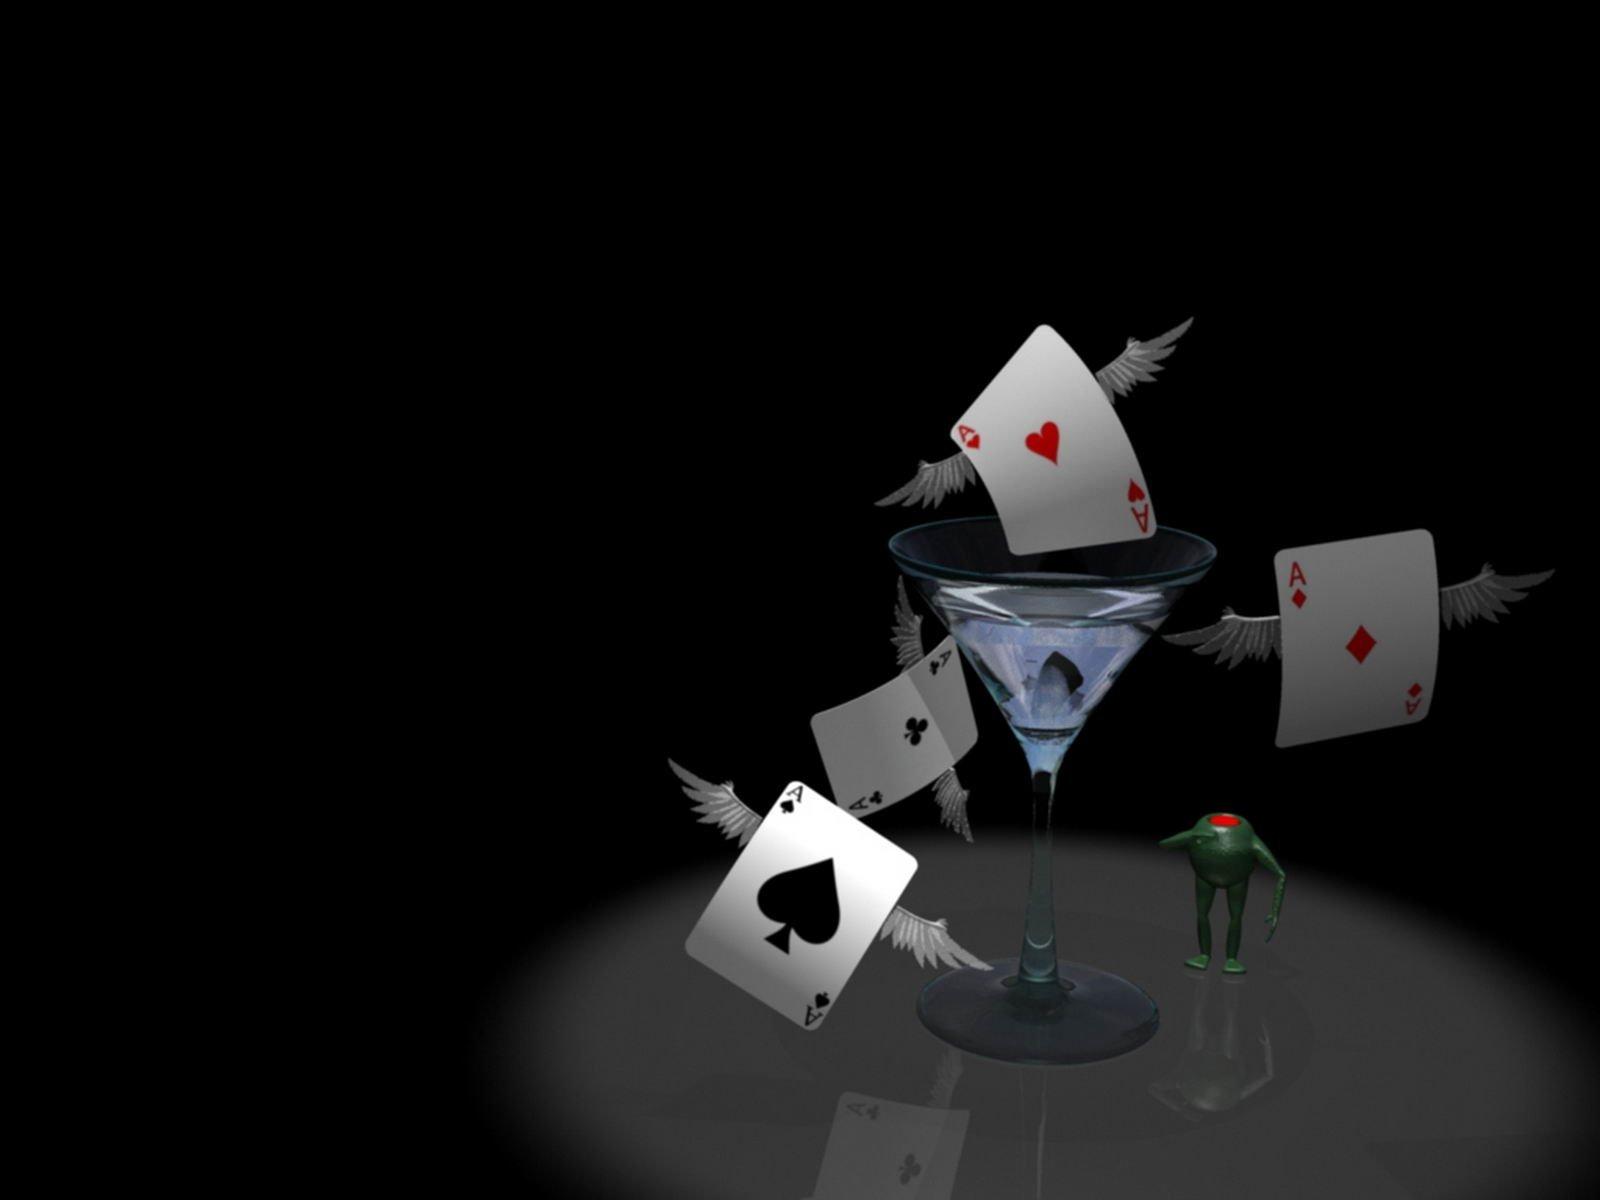 Играть в казино book of ra онлайн бесплатно